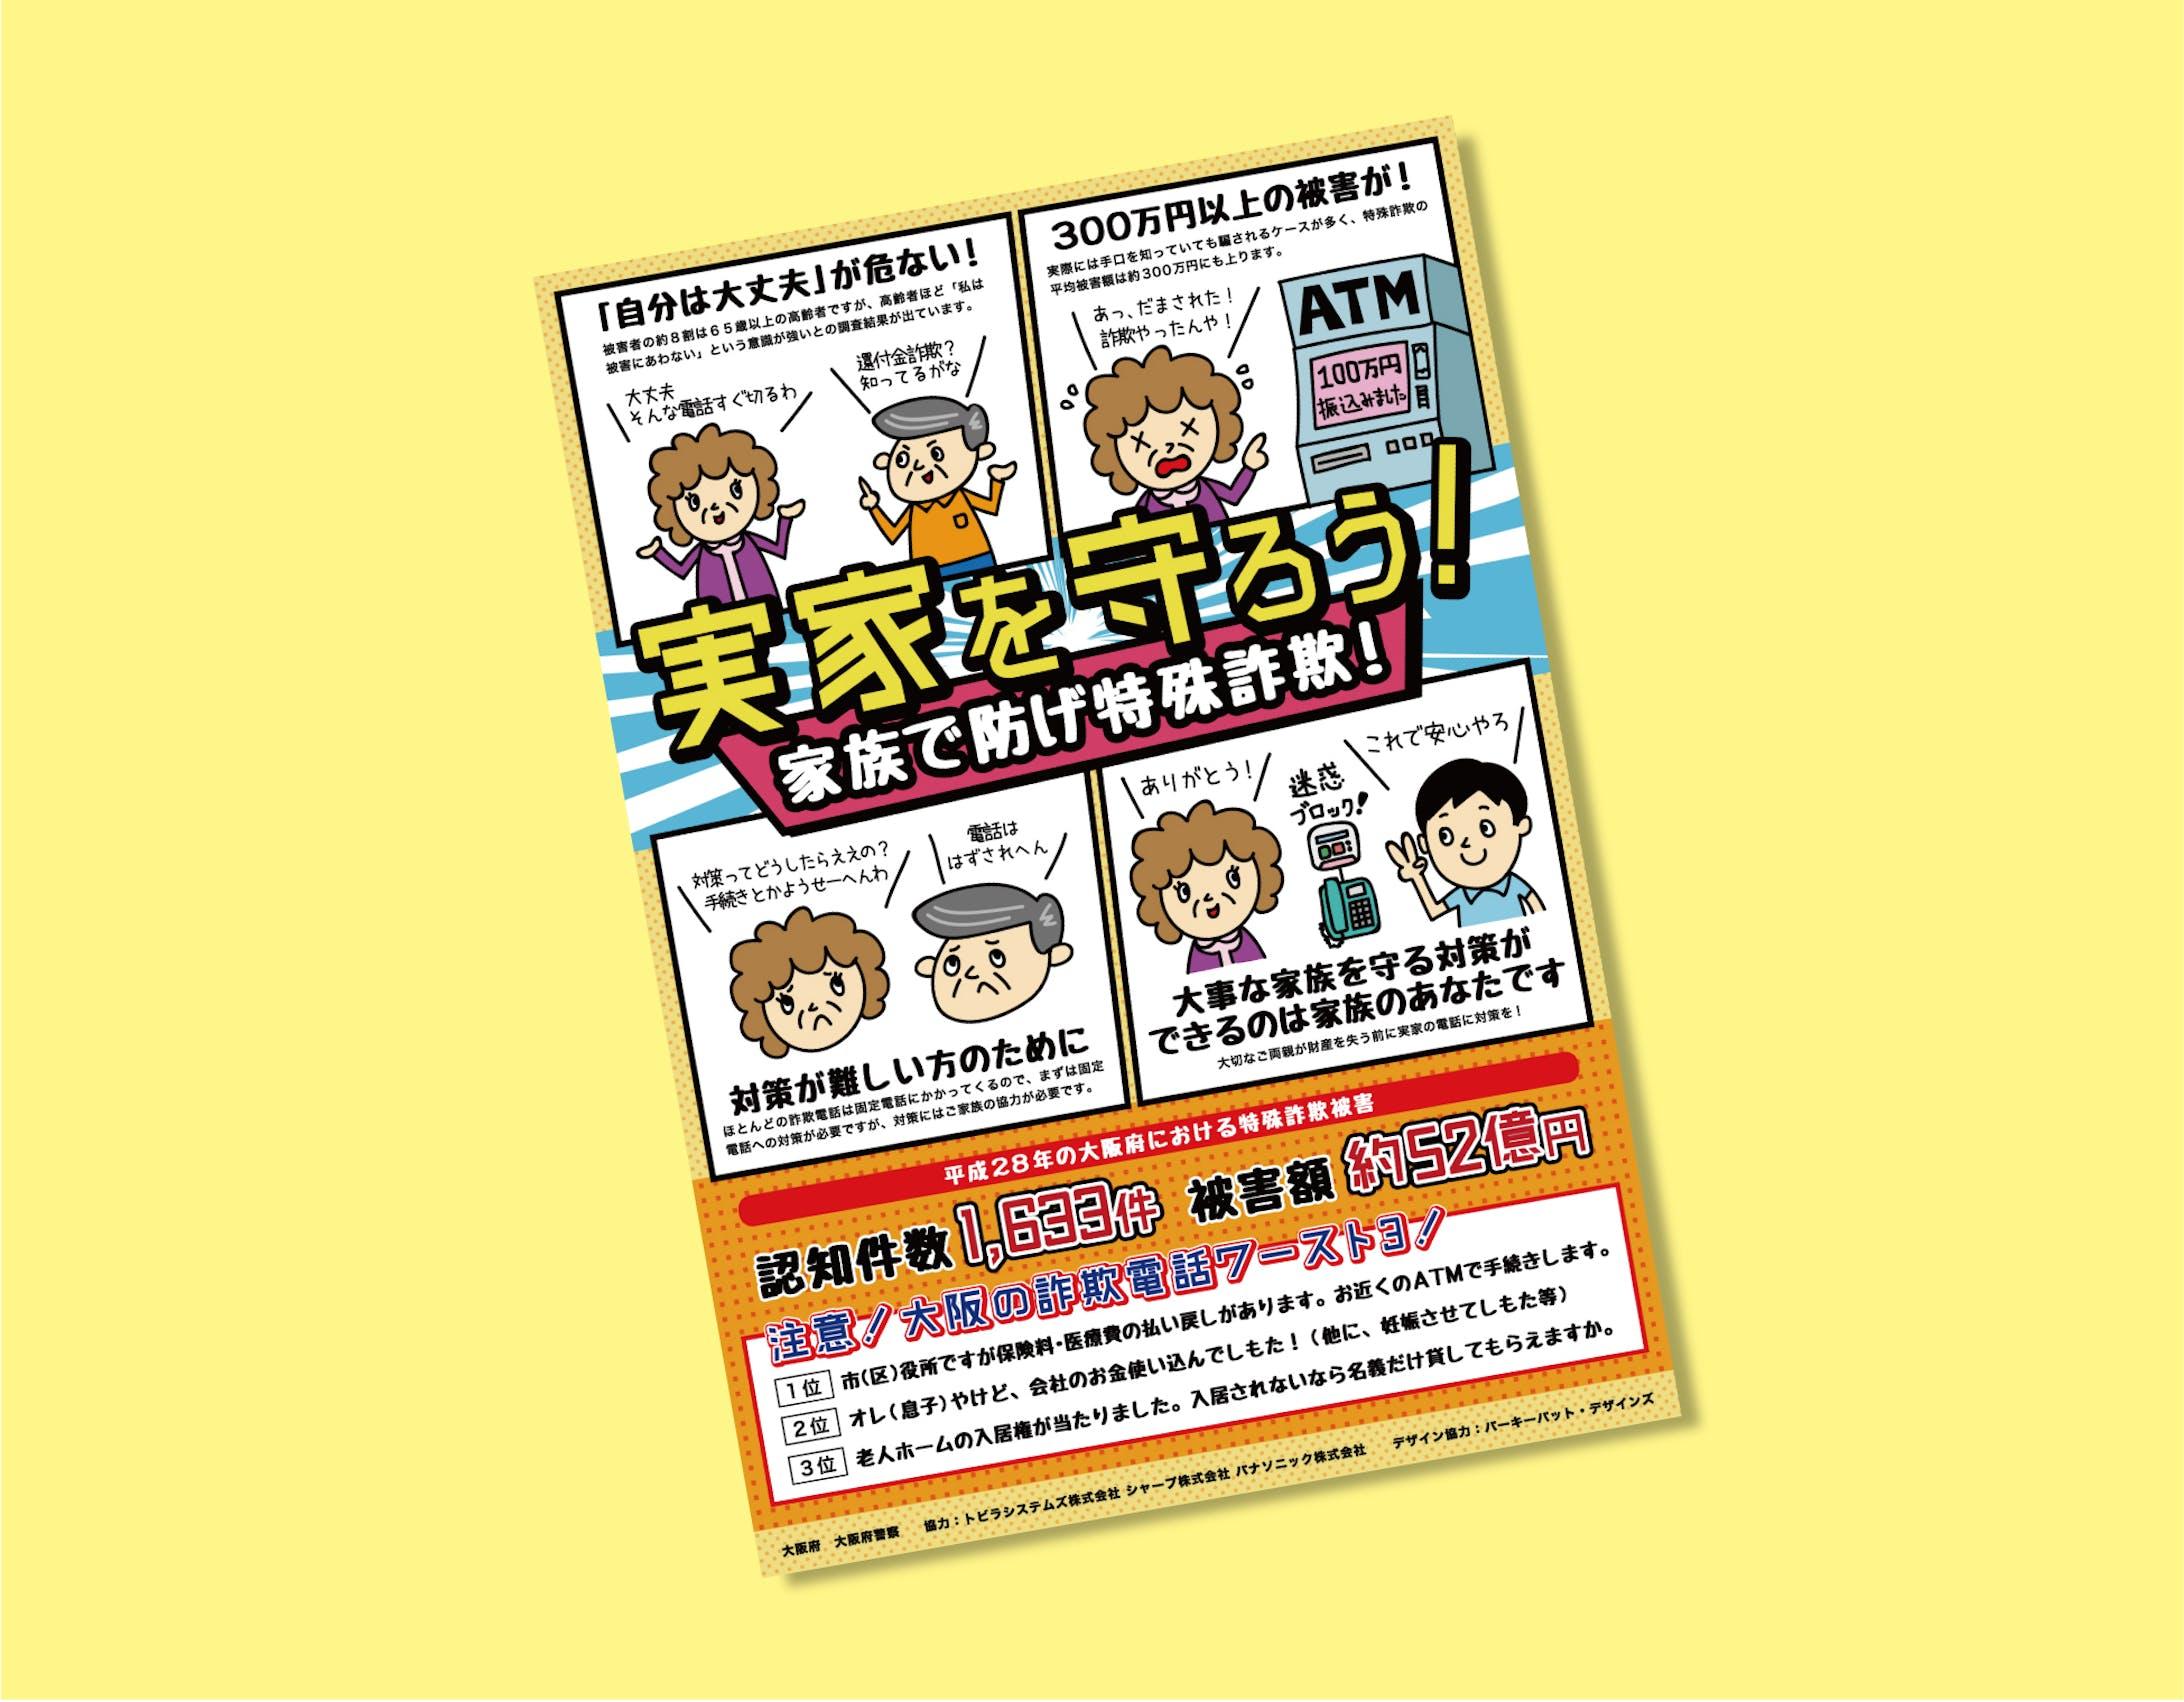 大阪府警察 特殊詐欺防犯チラシ-1